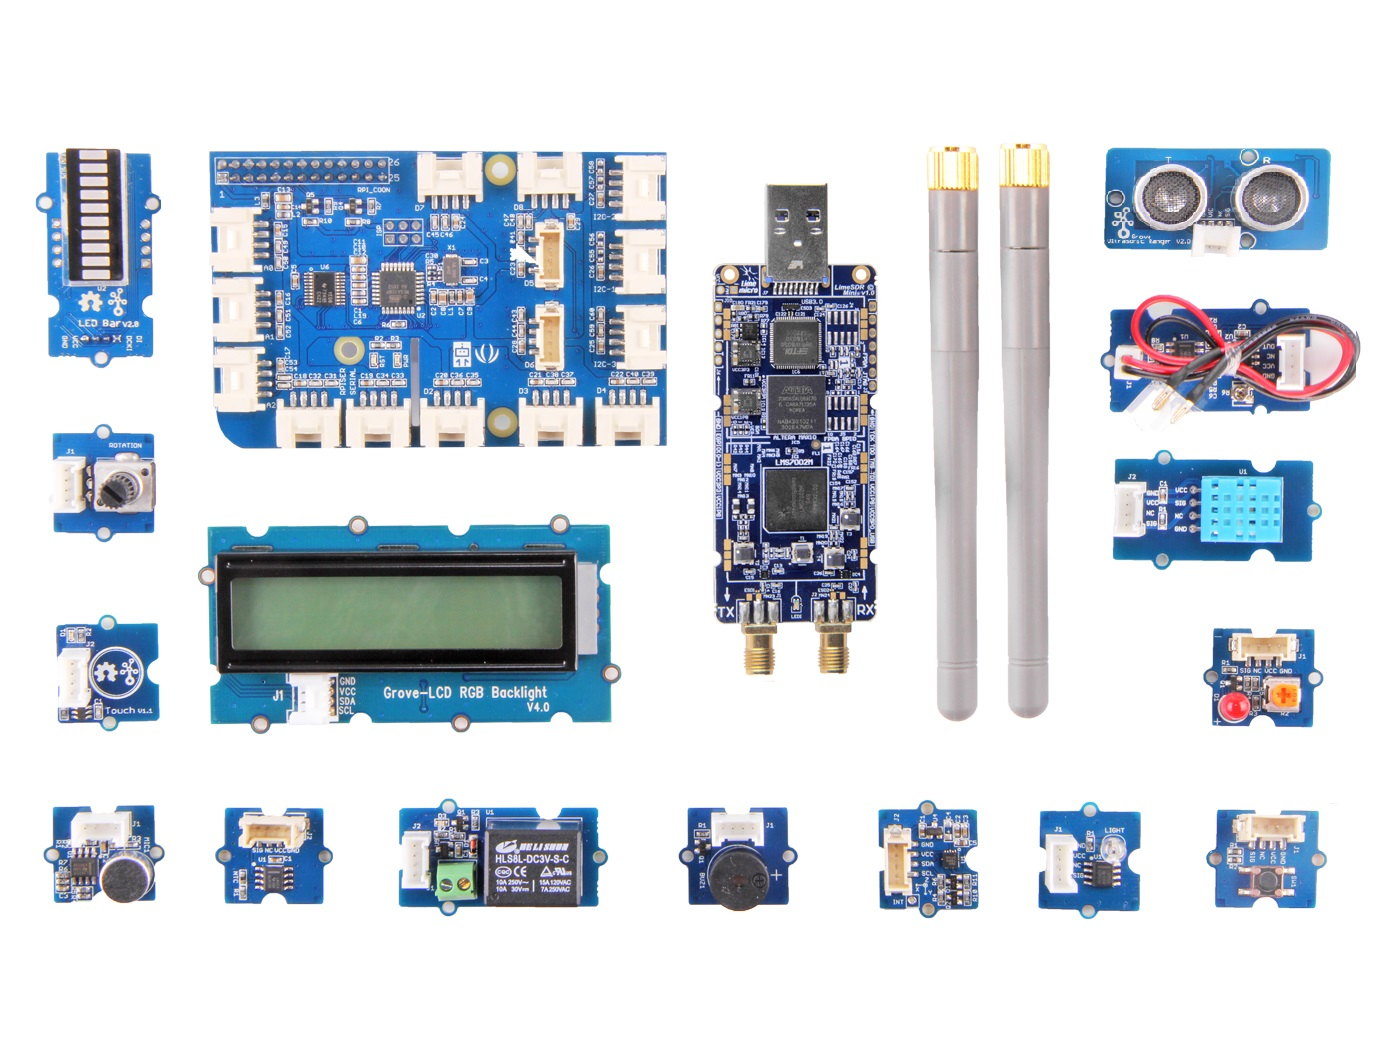 SDR starter kit developed for Raspberry Pi, Grove and